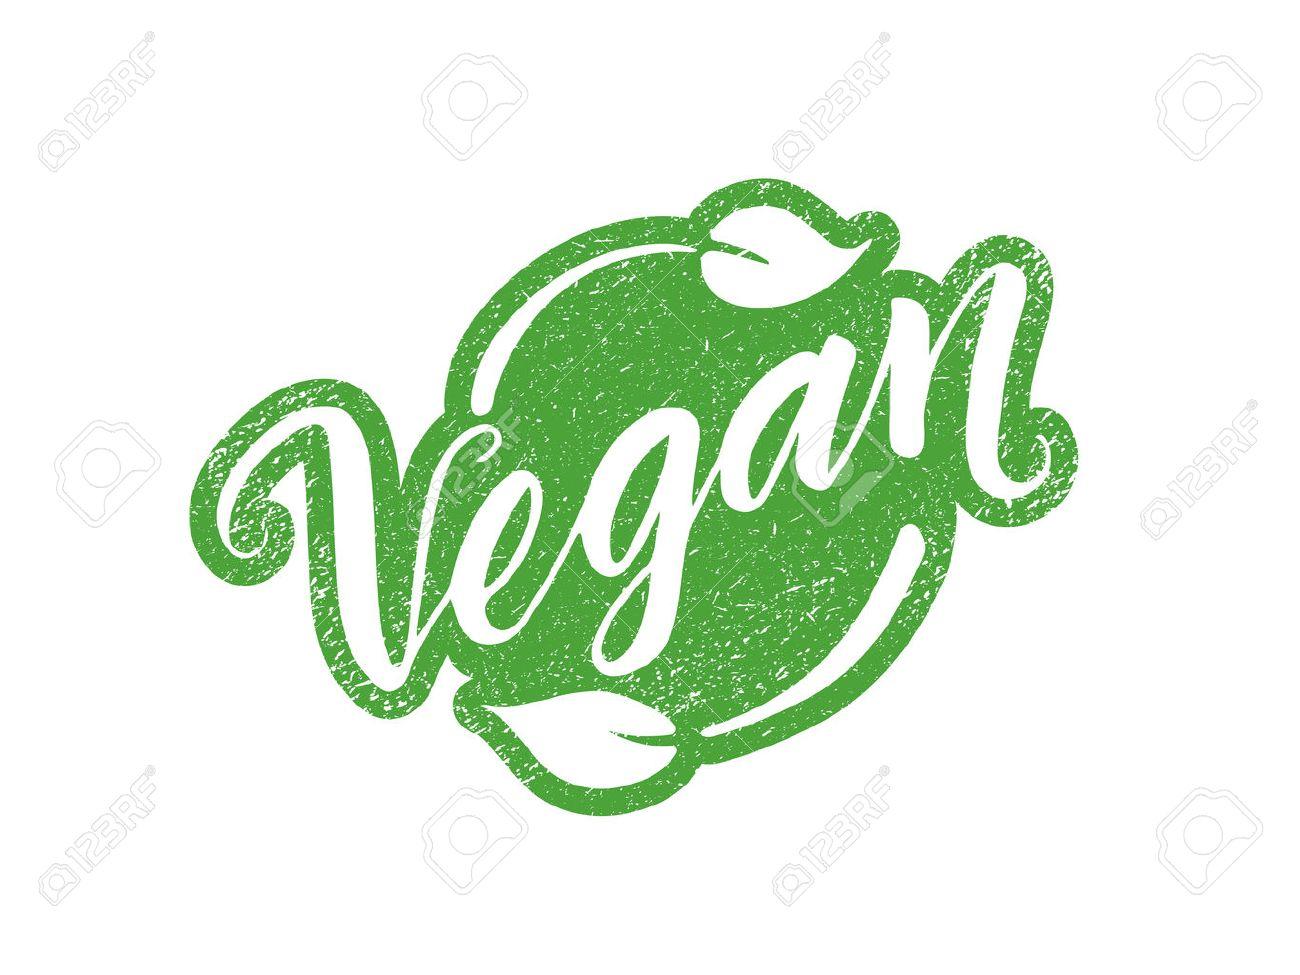 Sello Vegan Con Letras Dibujado A Mano Aislado En Blanco ...